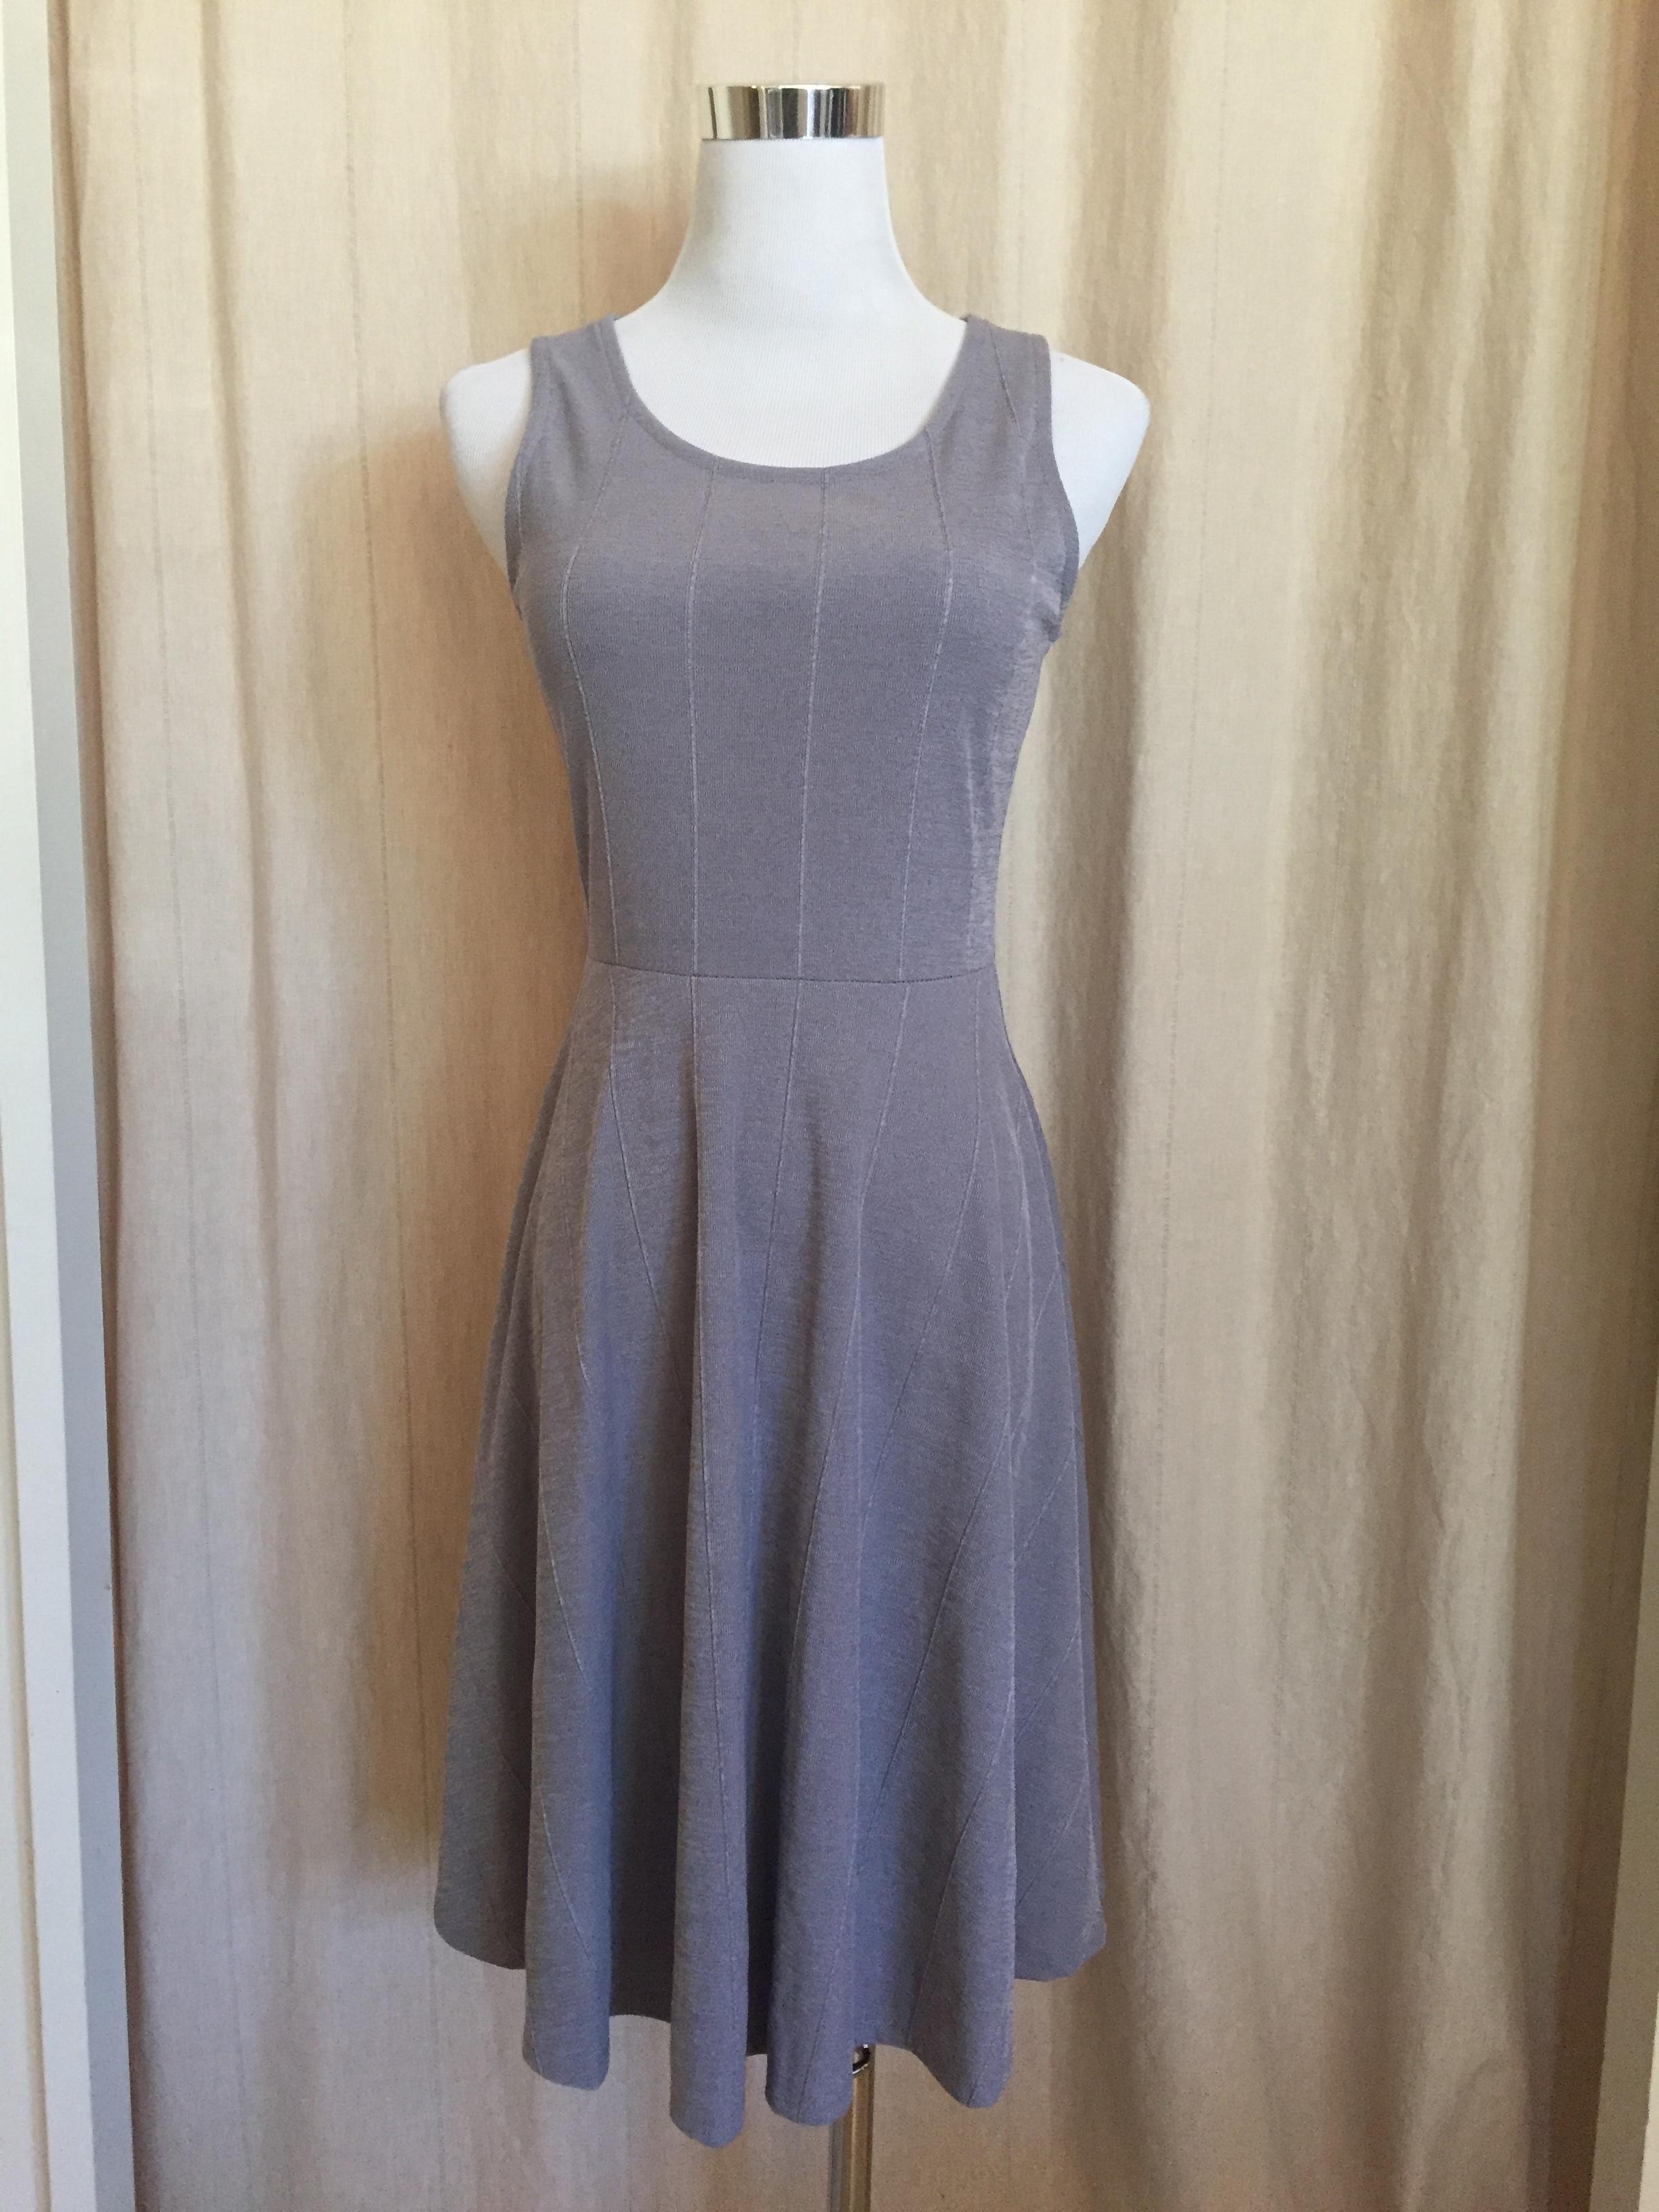 Gray Skater Dress, $42